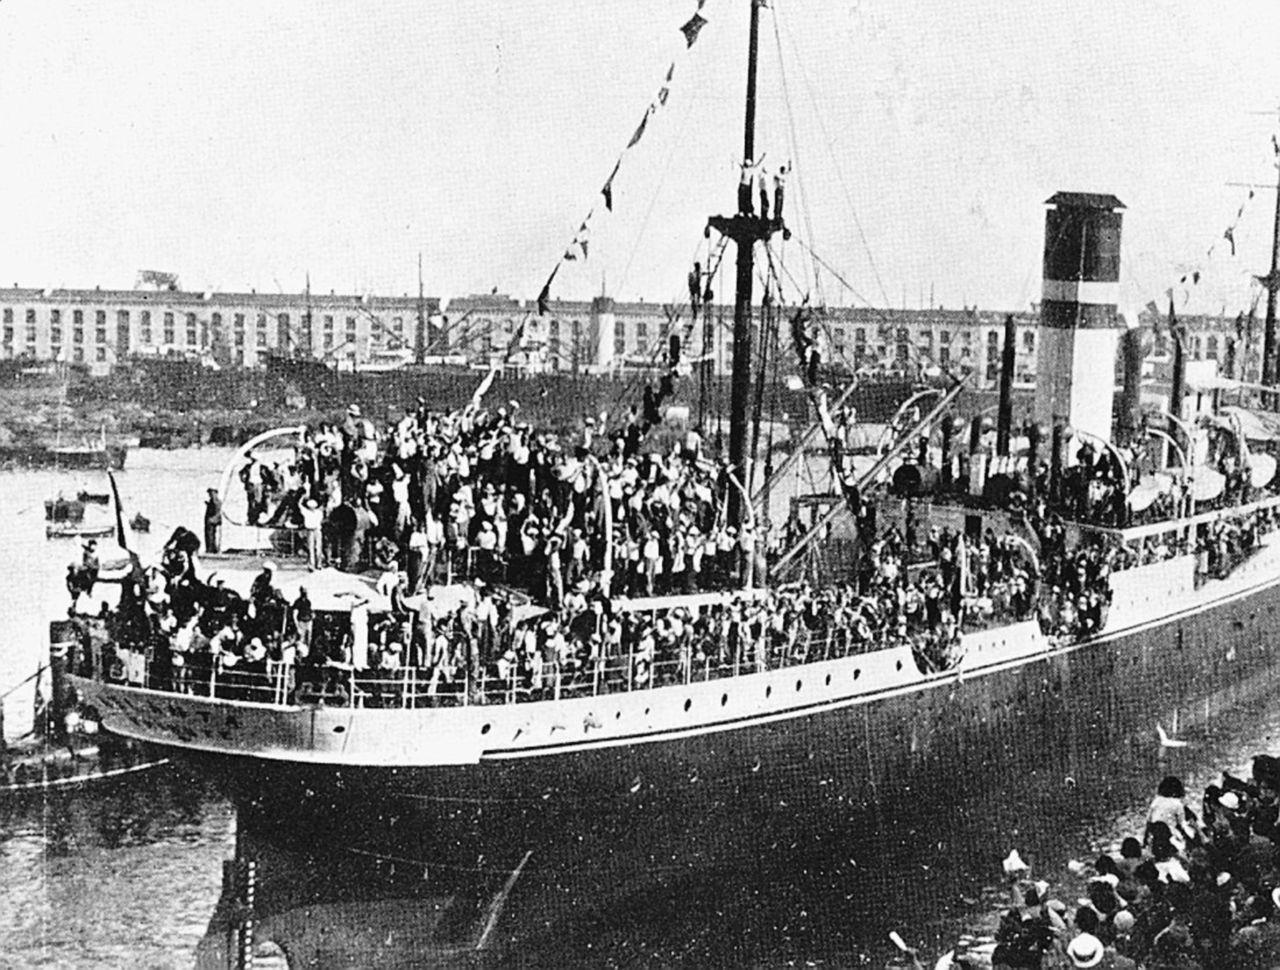 Dal 2007 a oggi sono emigrati un milione e mezzo di italiani